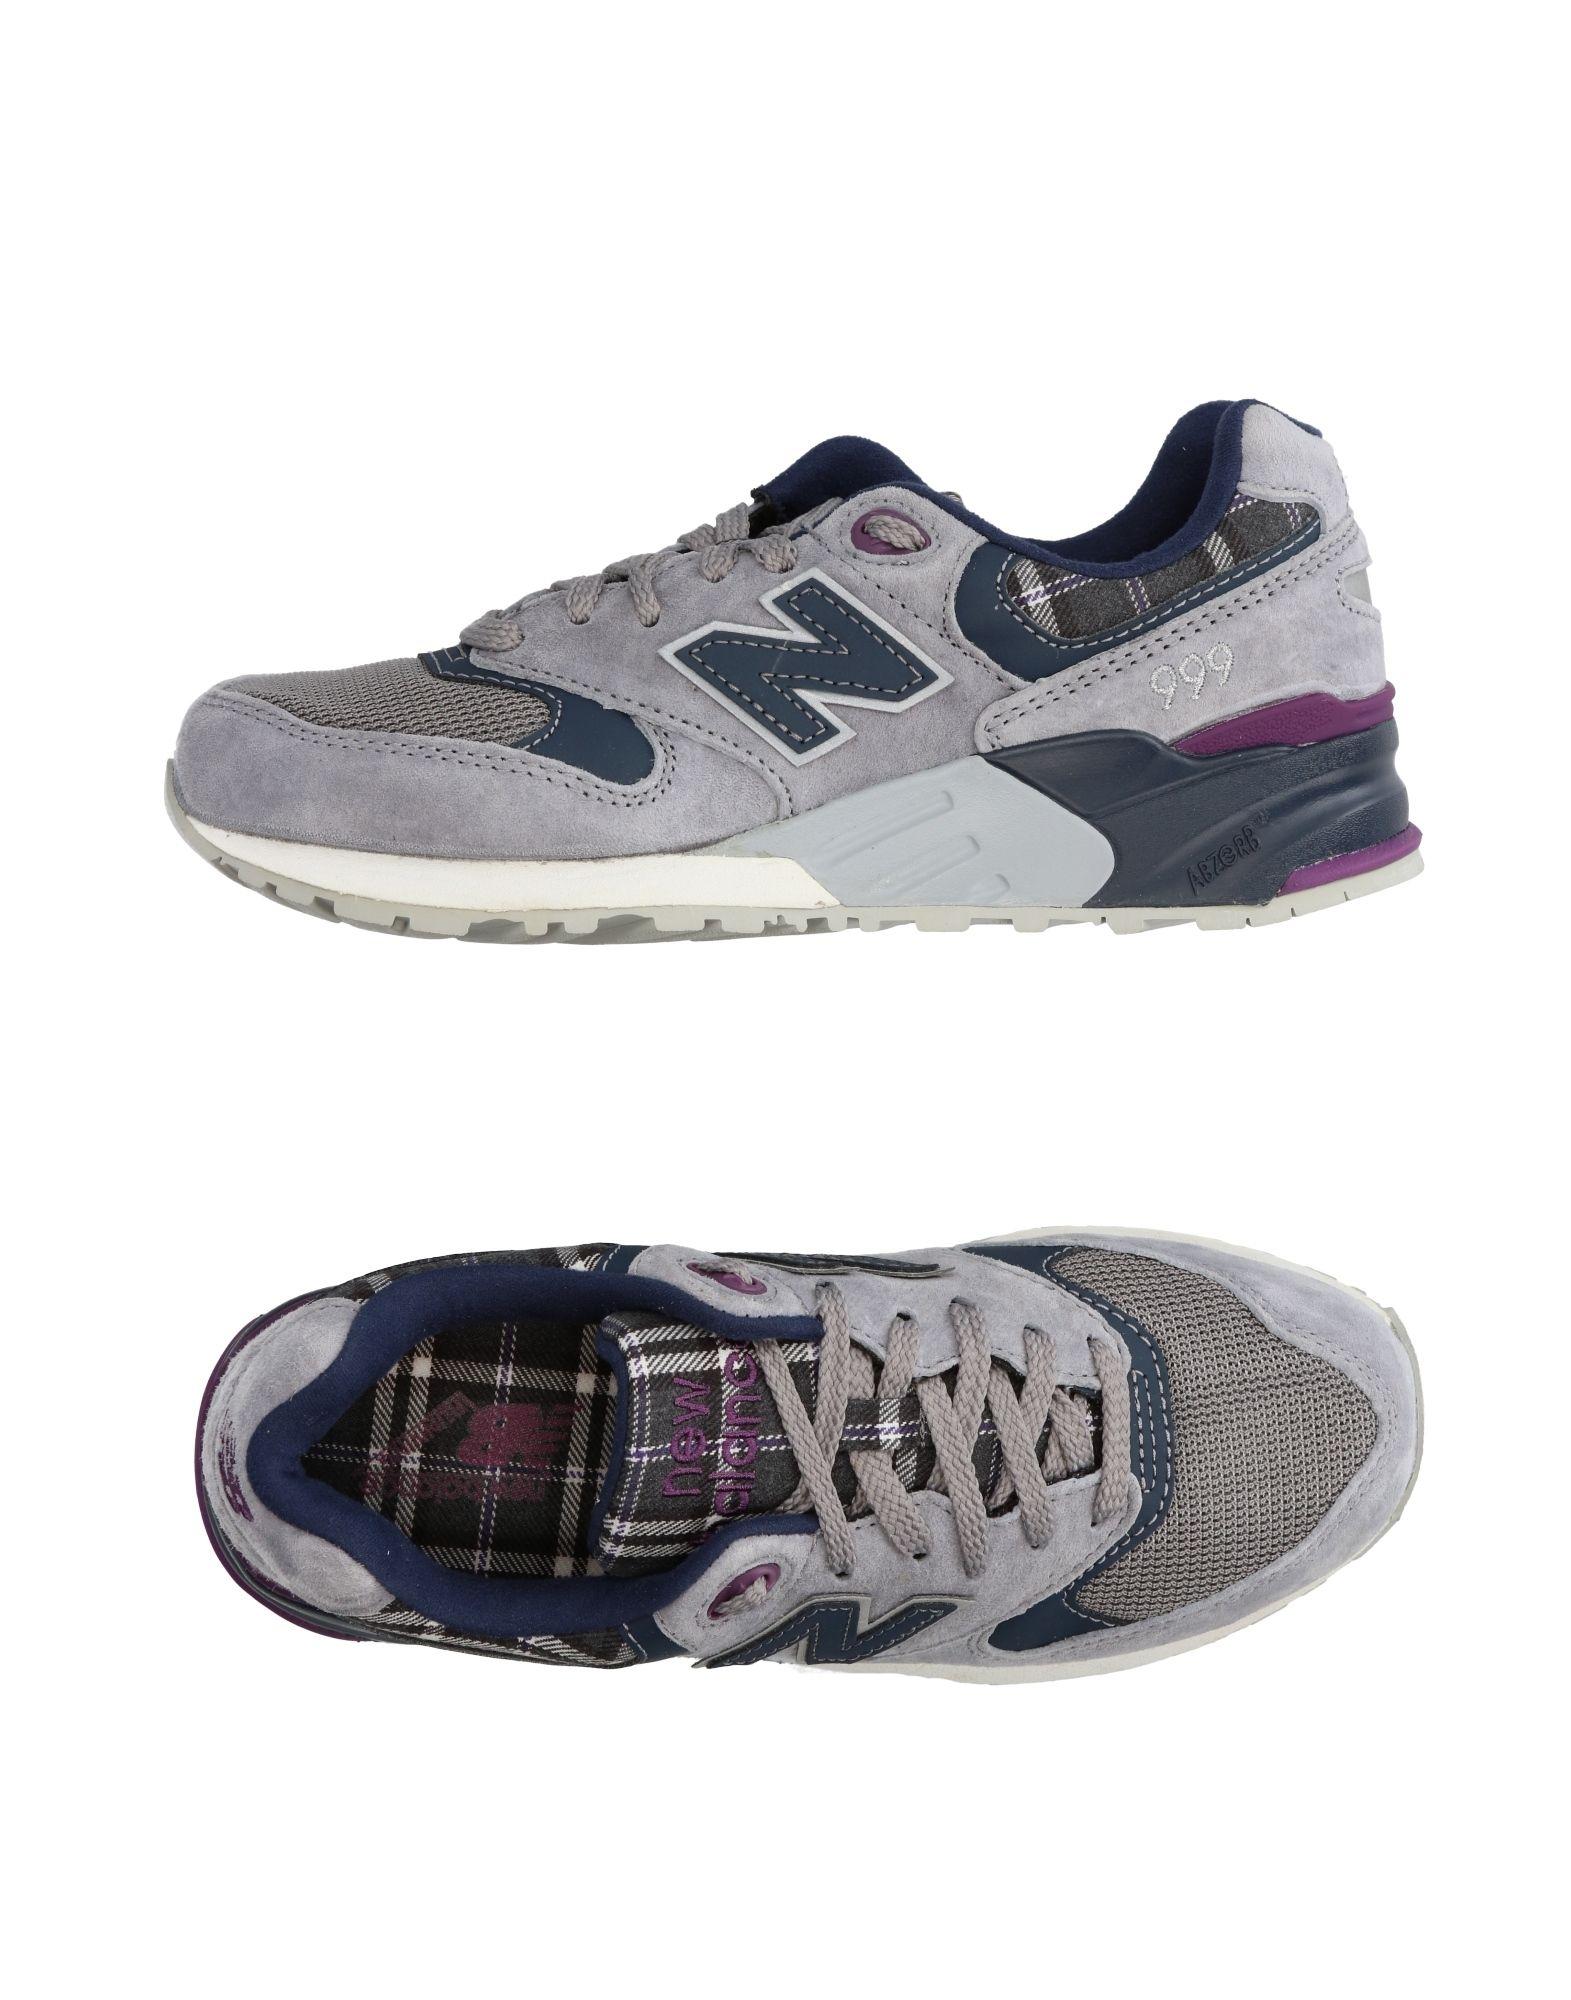 New Balance Sneakers Damen  11287595DV Gute Qualität beliebte Schuhe